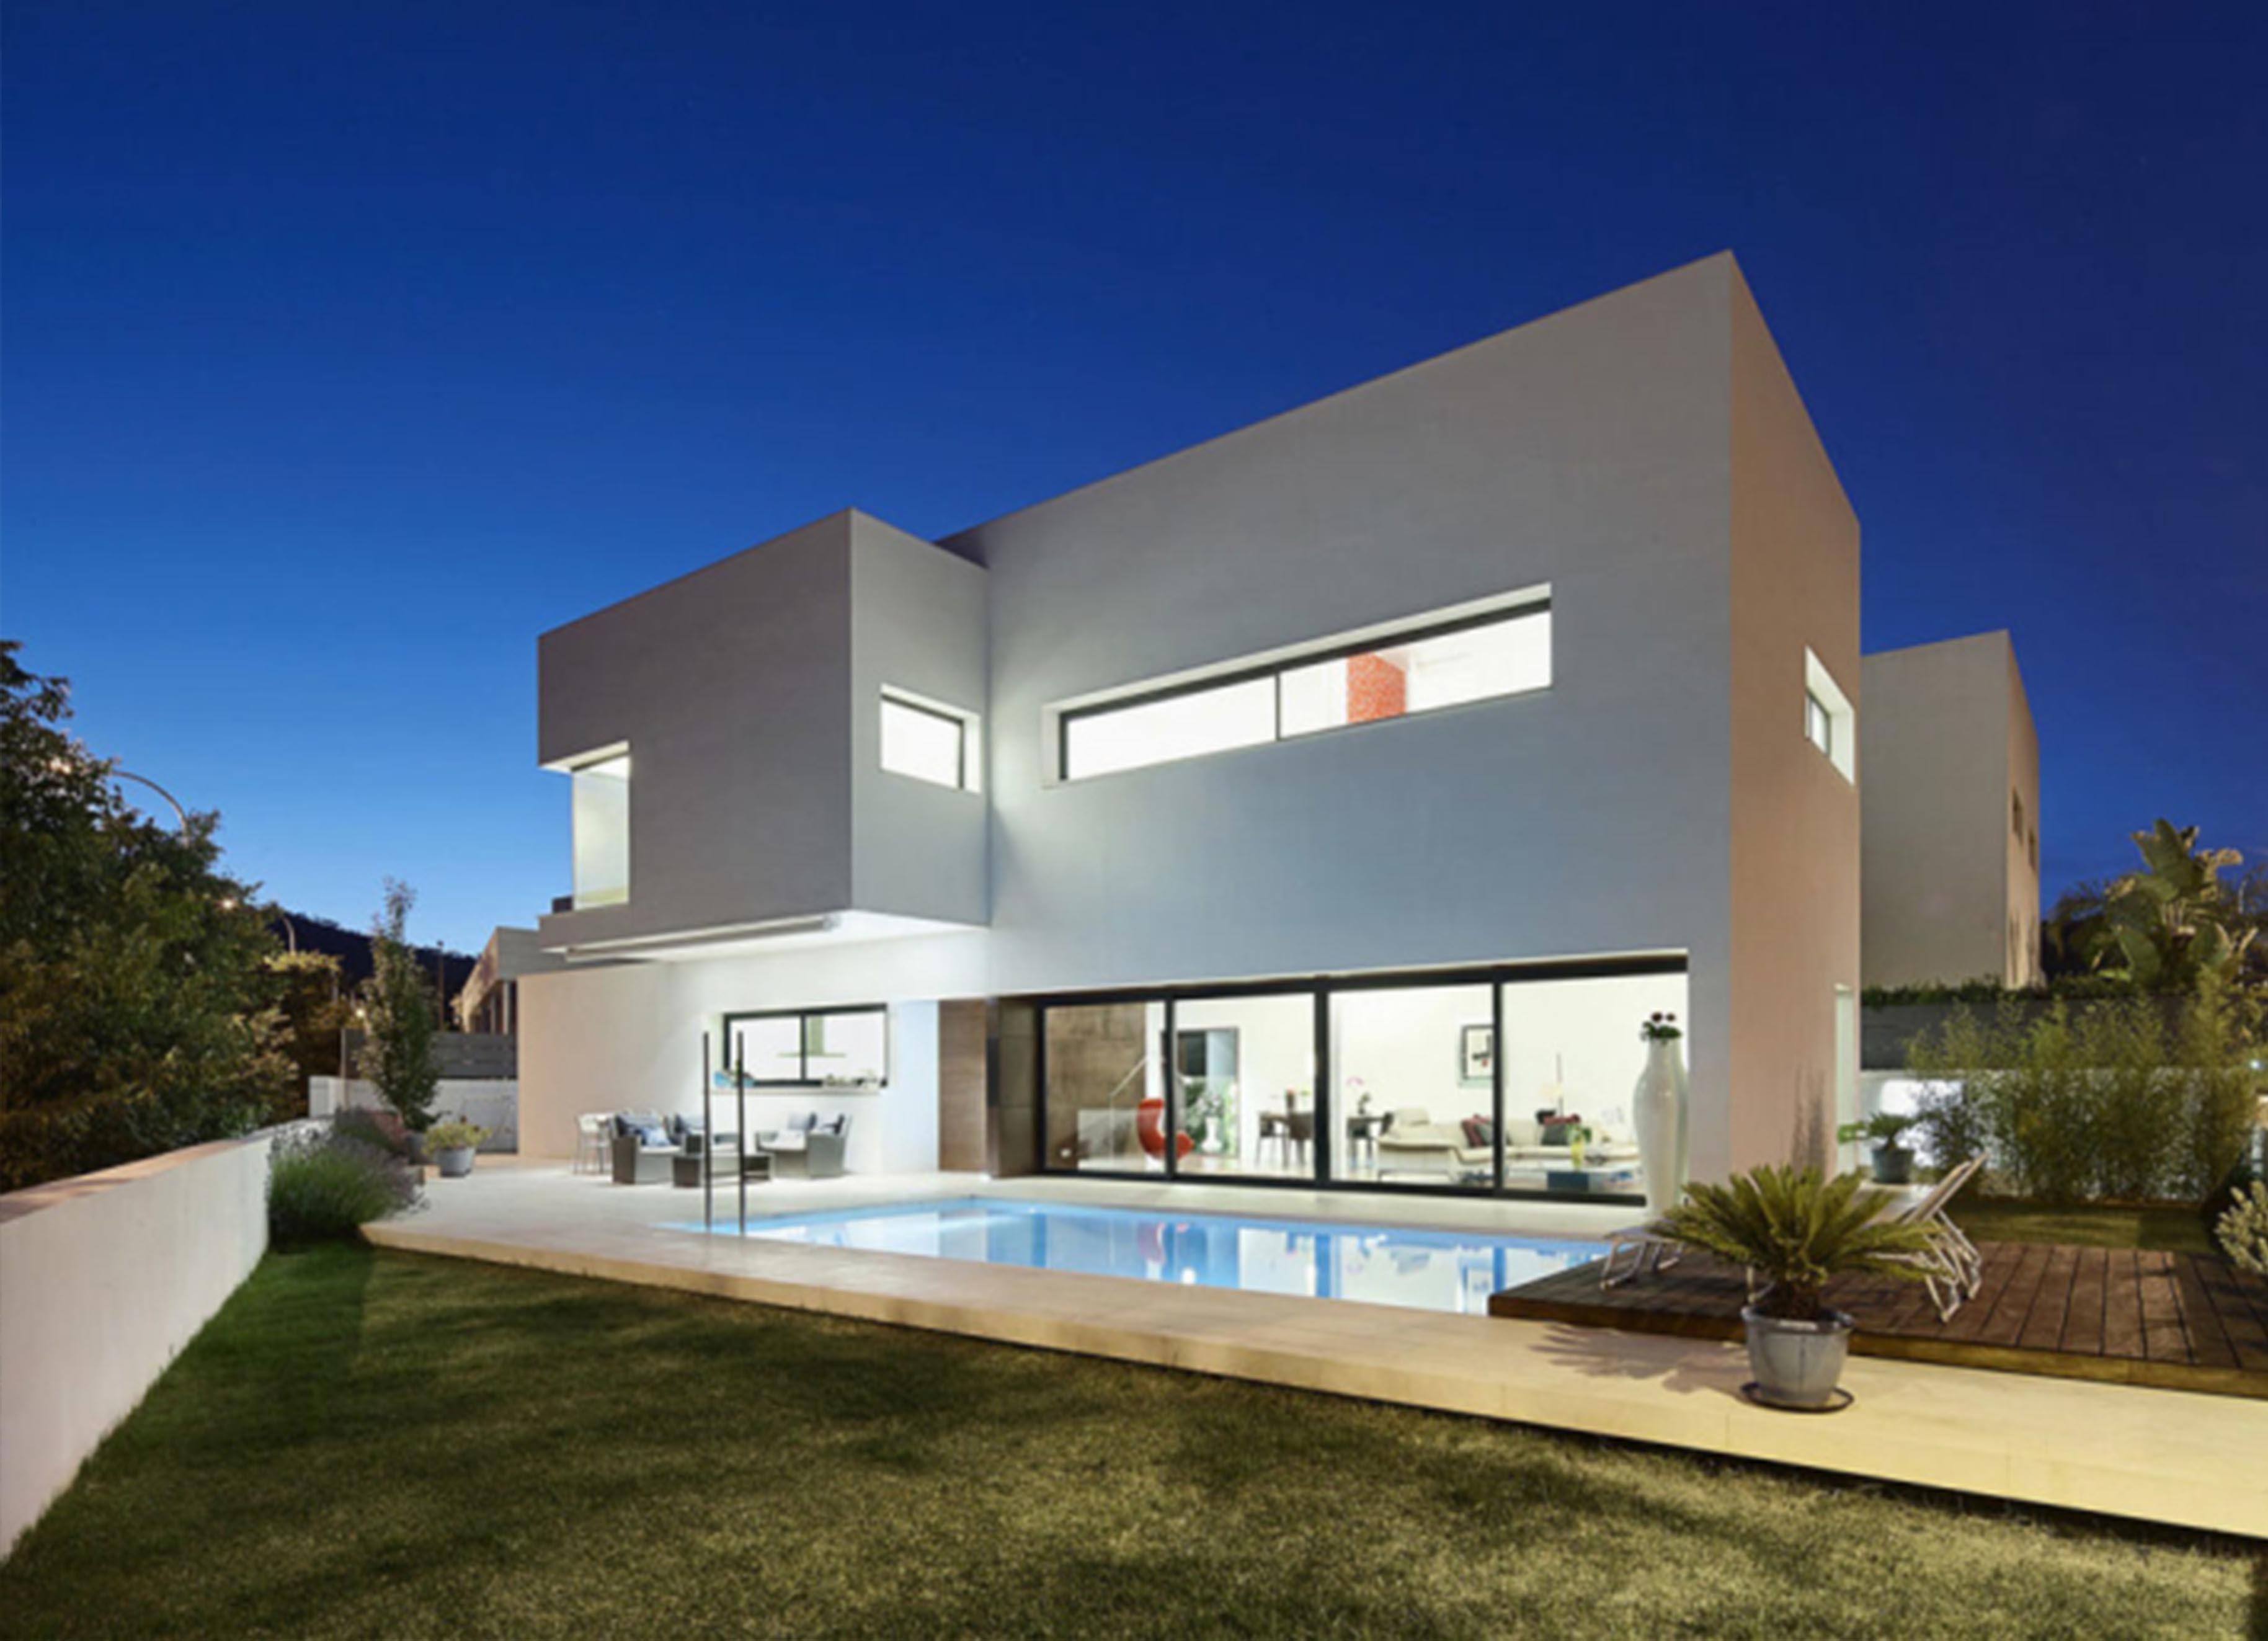 节能环保产品_尼加拉瓜轻钢别墅 - 佛山市合阁钢结构集成房屋有限公司